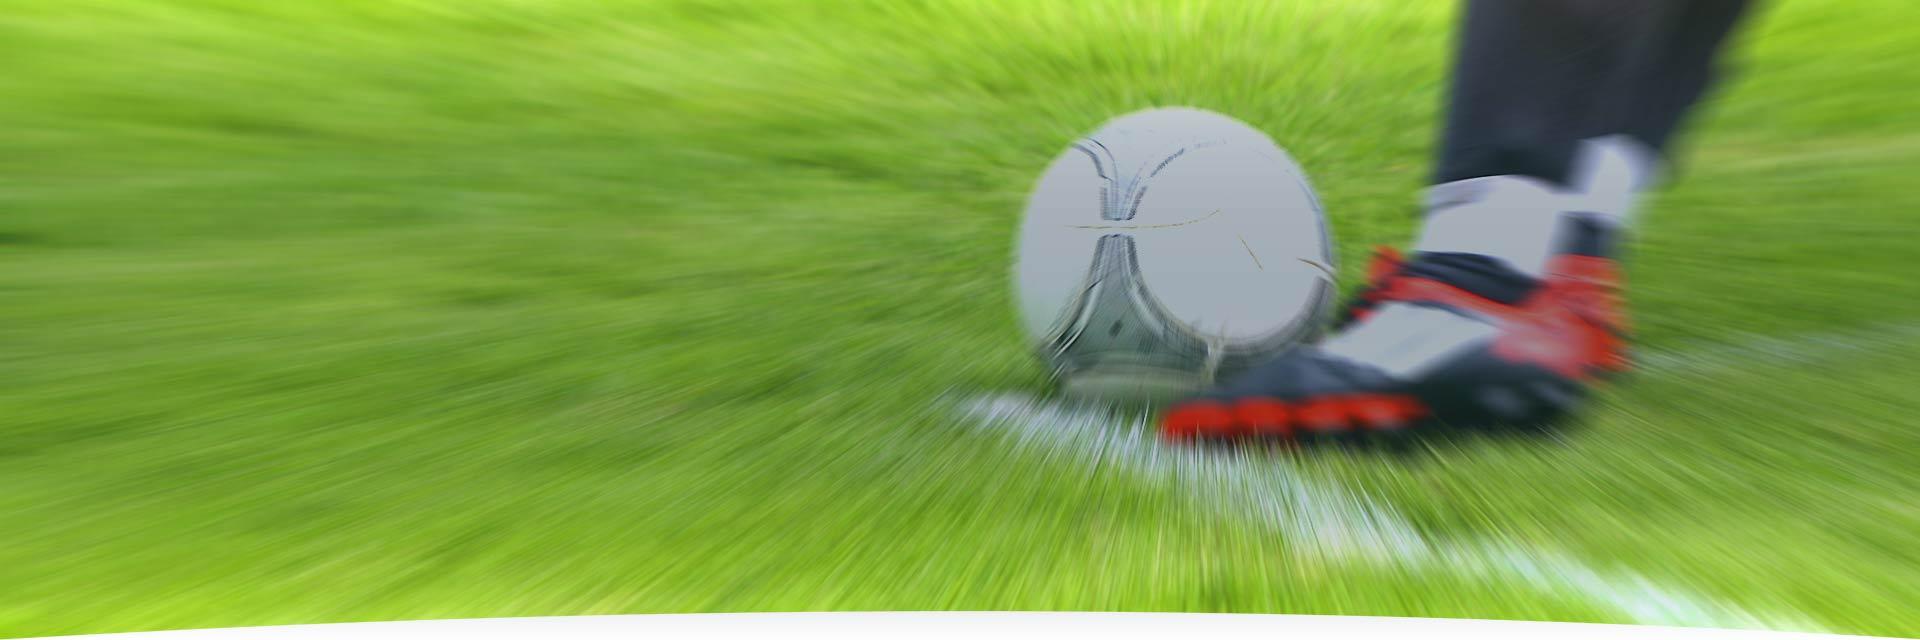 bundesliga-fussball-branding